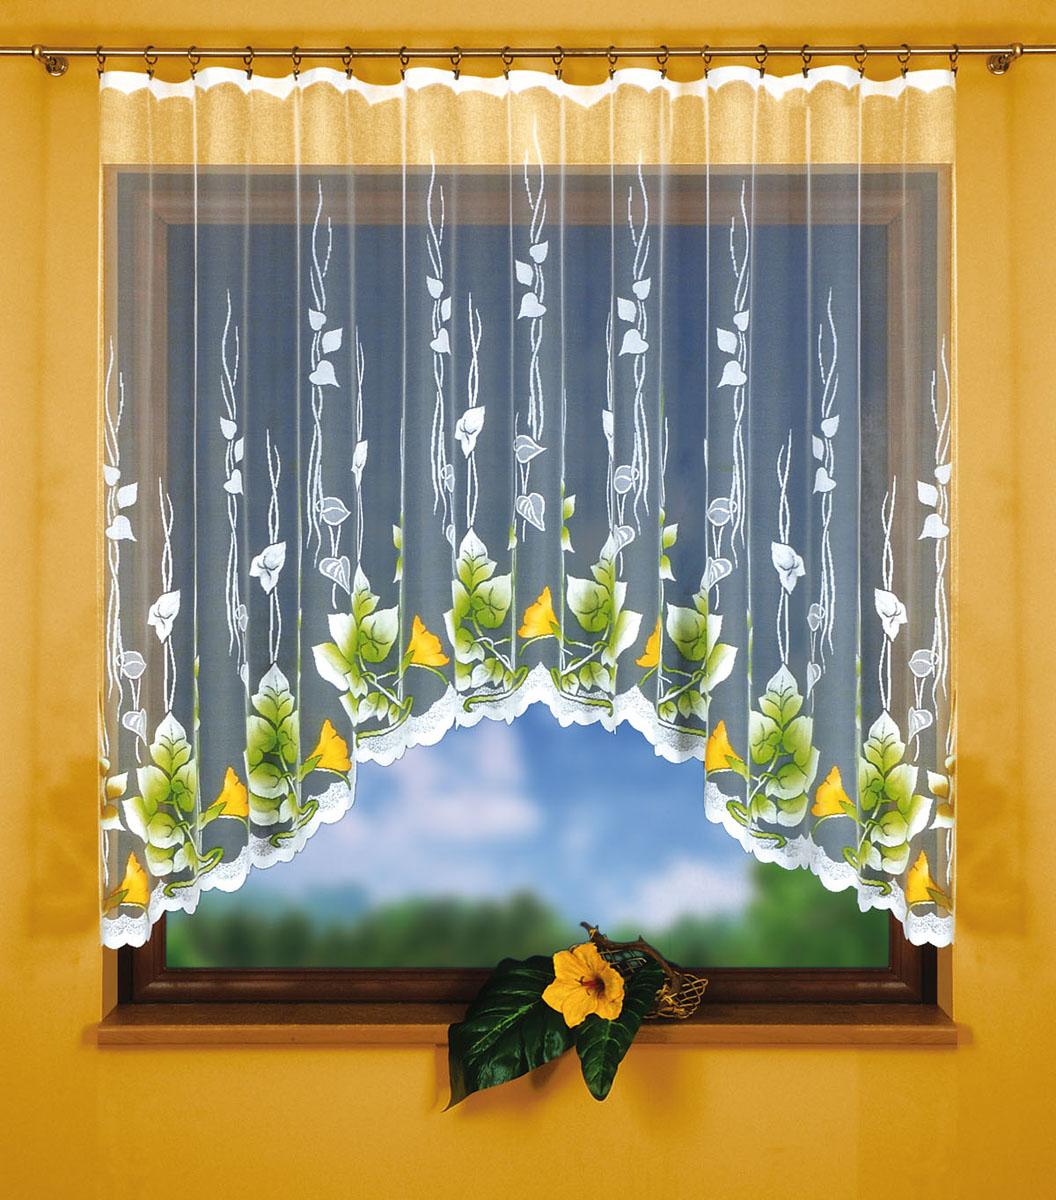 Штора для кухни Wisan, на ленте, цвет: белый, желтый, зеленый, высота 150 см. 92439243Штора Wisan, выполненная из легкого полупрозрачного полиэстера белого цвета, станет великолепным украшением кухонного окна. Изделие имеет ассиметричную длину и красивый яркий цветочный рисунок по краю. Качественный материал и оригинальный дизайн привлекут к себе внимание и позволят шторе органично вписаться в интерьер помещения. Штора оснащена шторной лентой под зажимы для крепления на карниз.